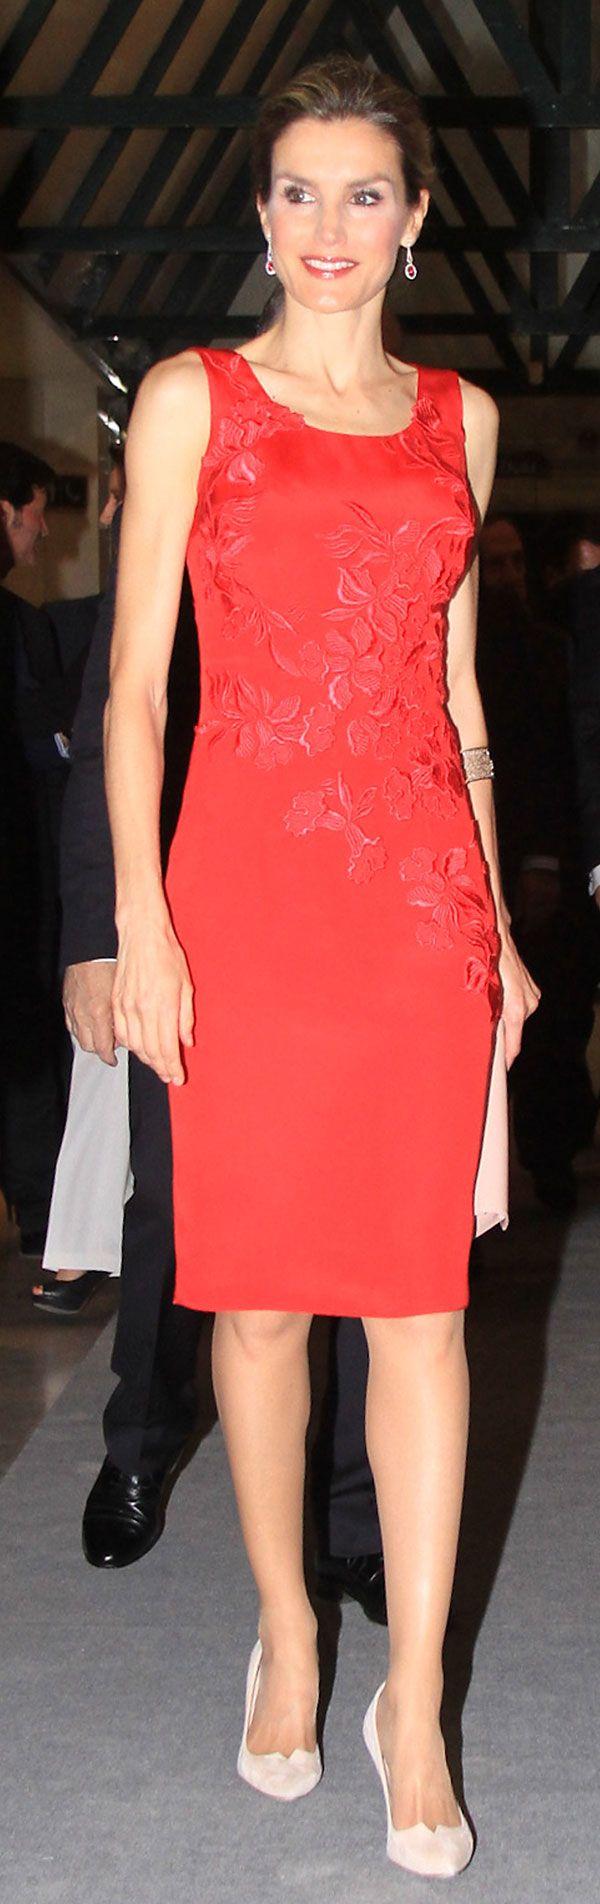 La princesa Letizia durante una cena organizada por la Cámara de Comercio de Sevilla en Sevilla, martes 20 de mayo 2014